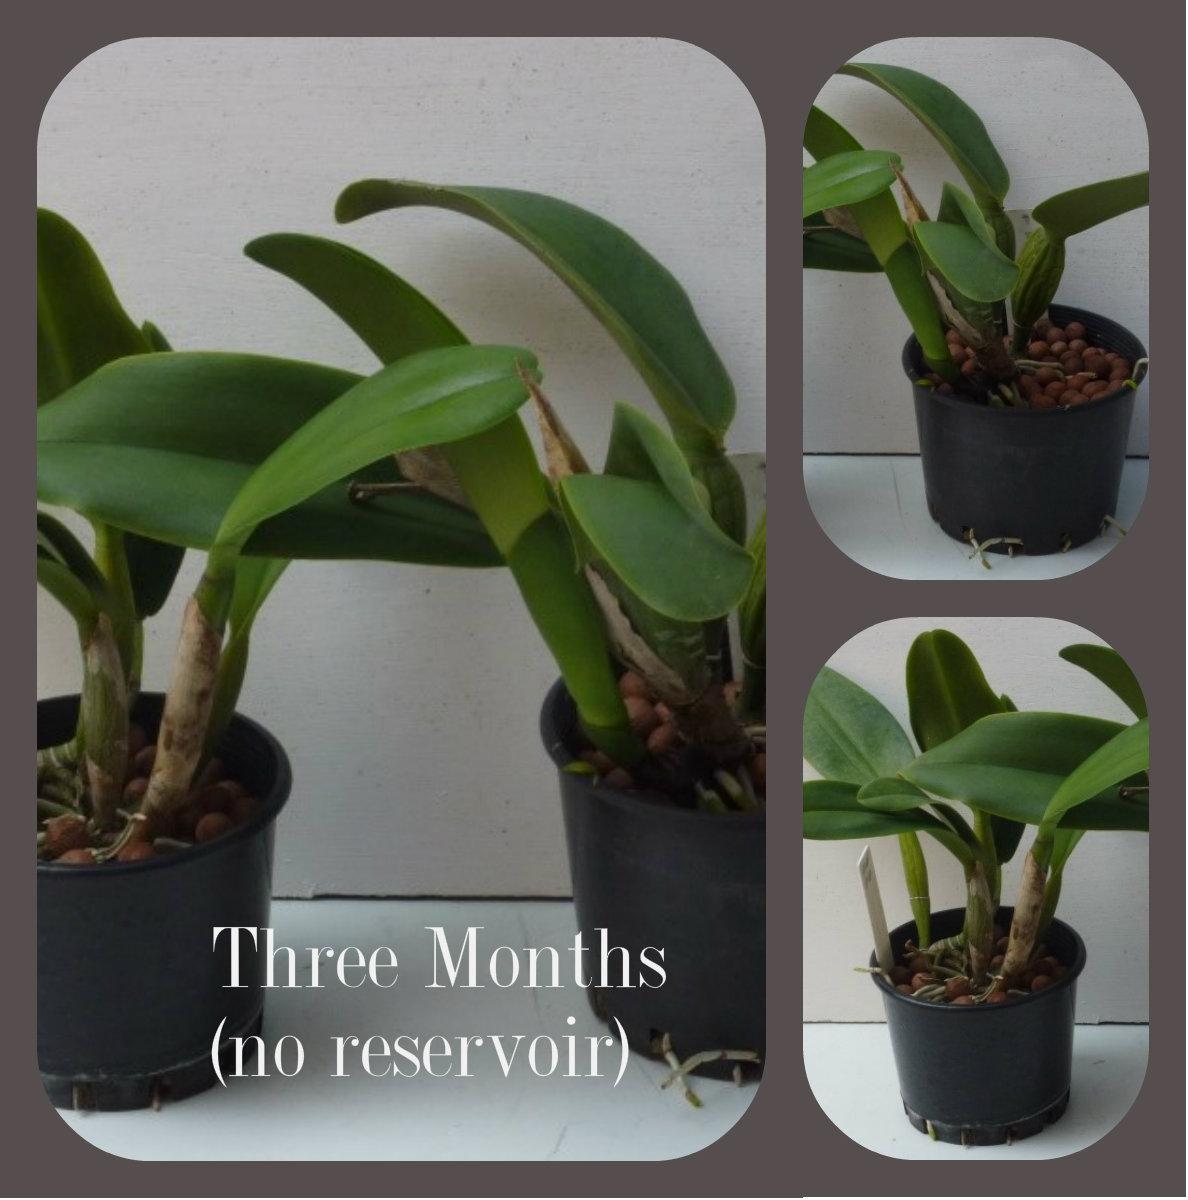 three months no reservoir